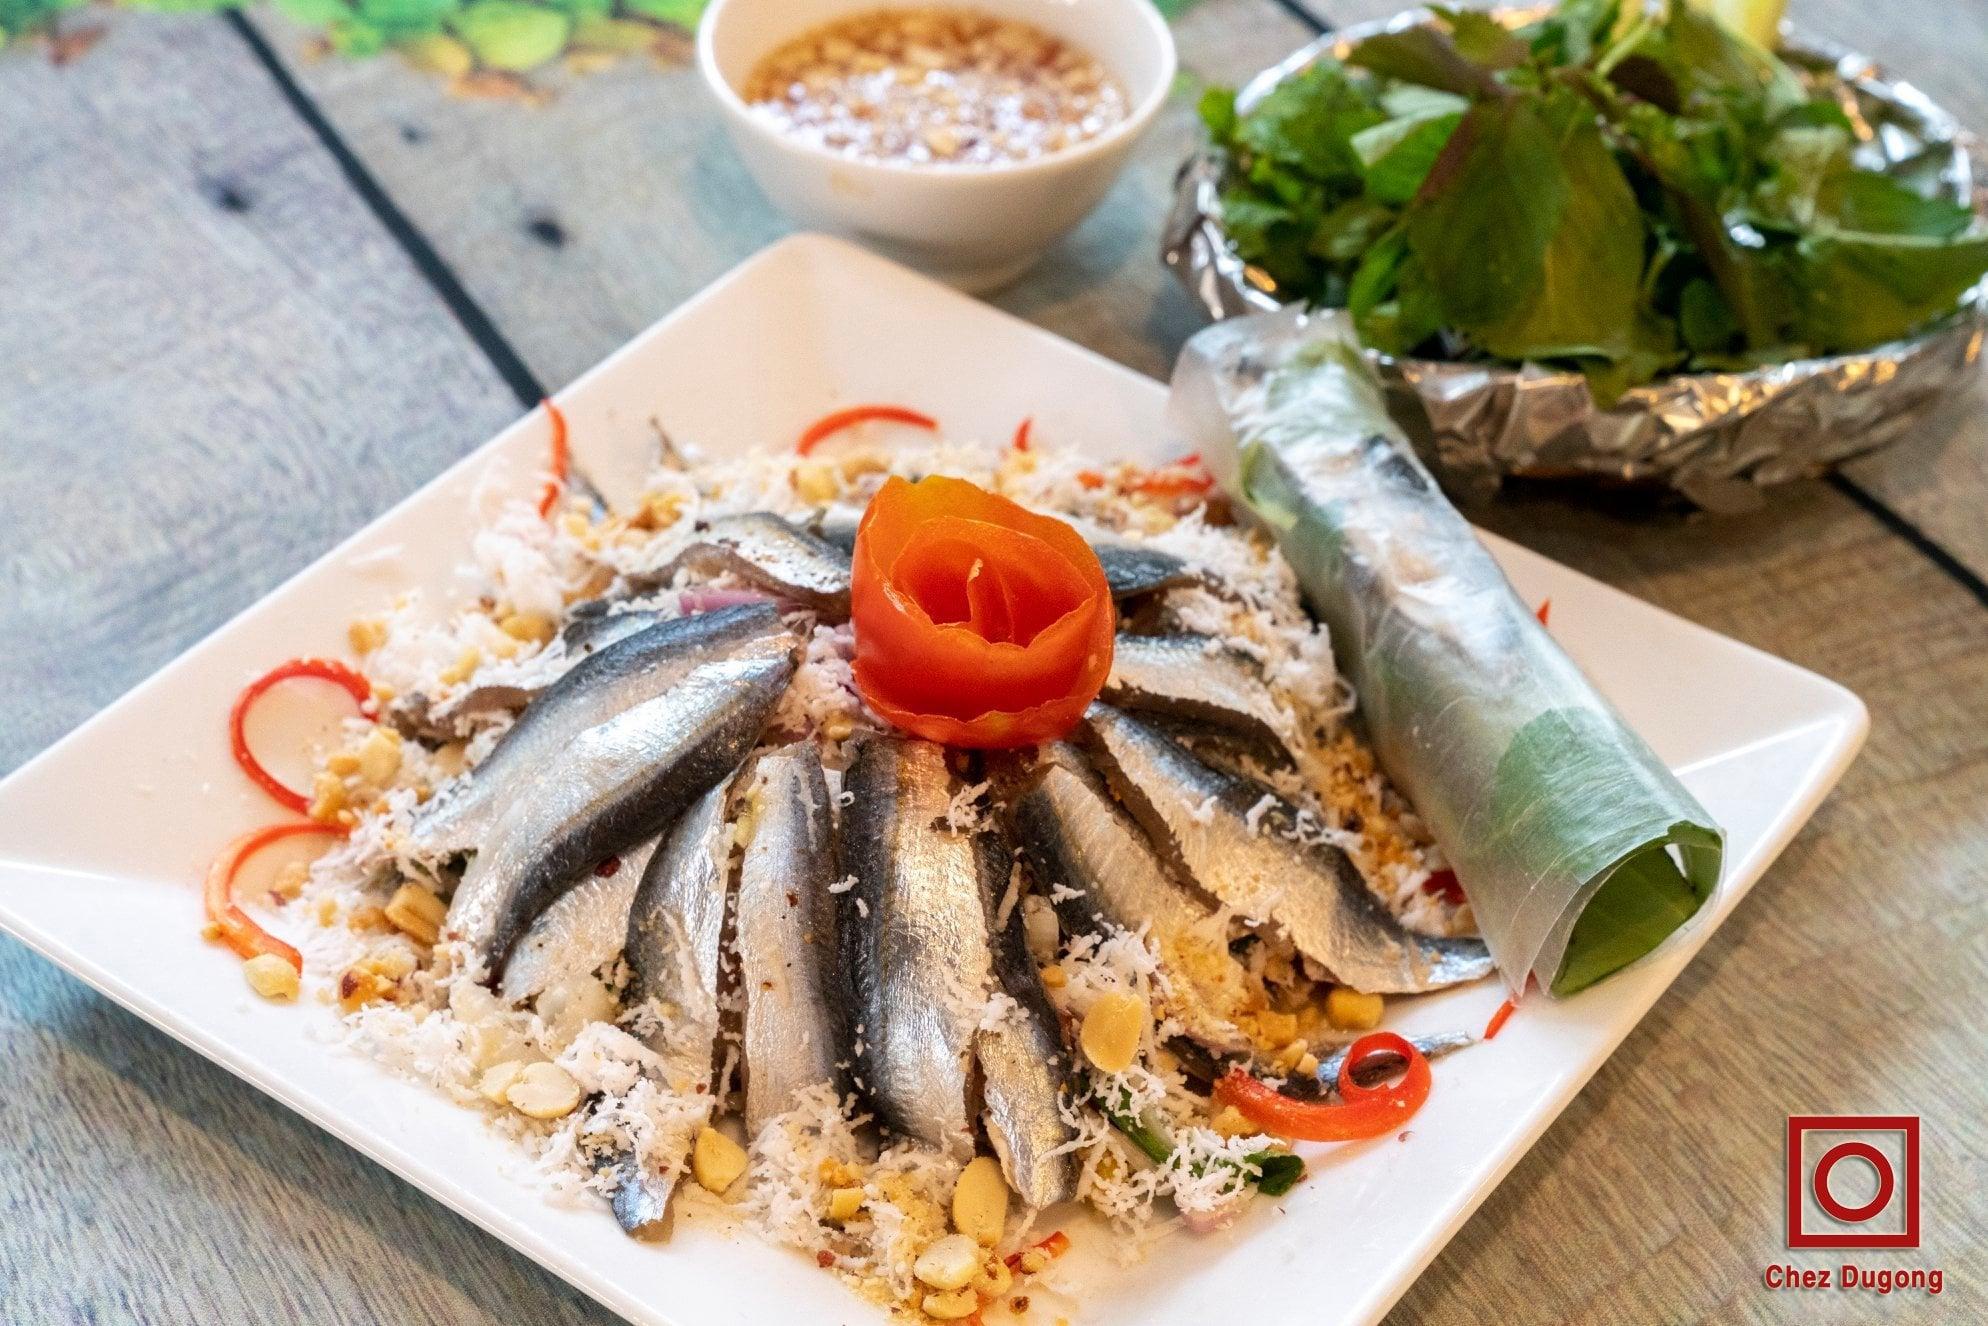 Chez Dugong - quán hải sản Phú Quốc